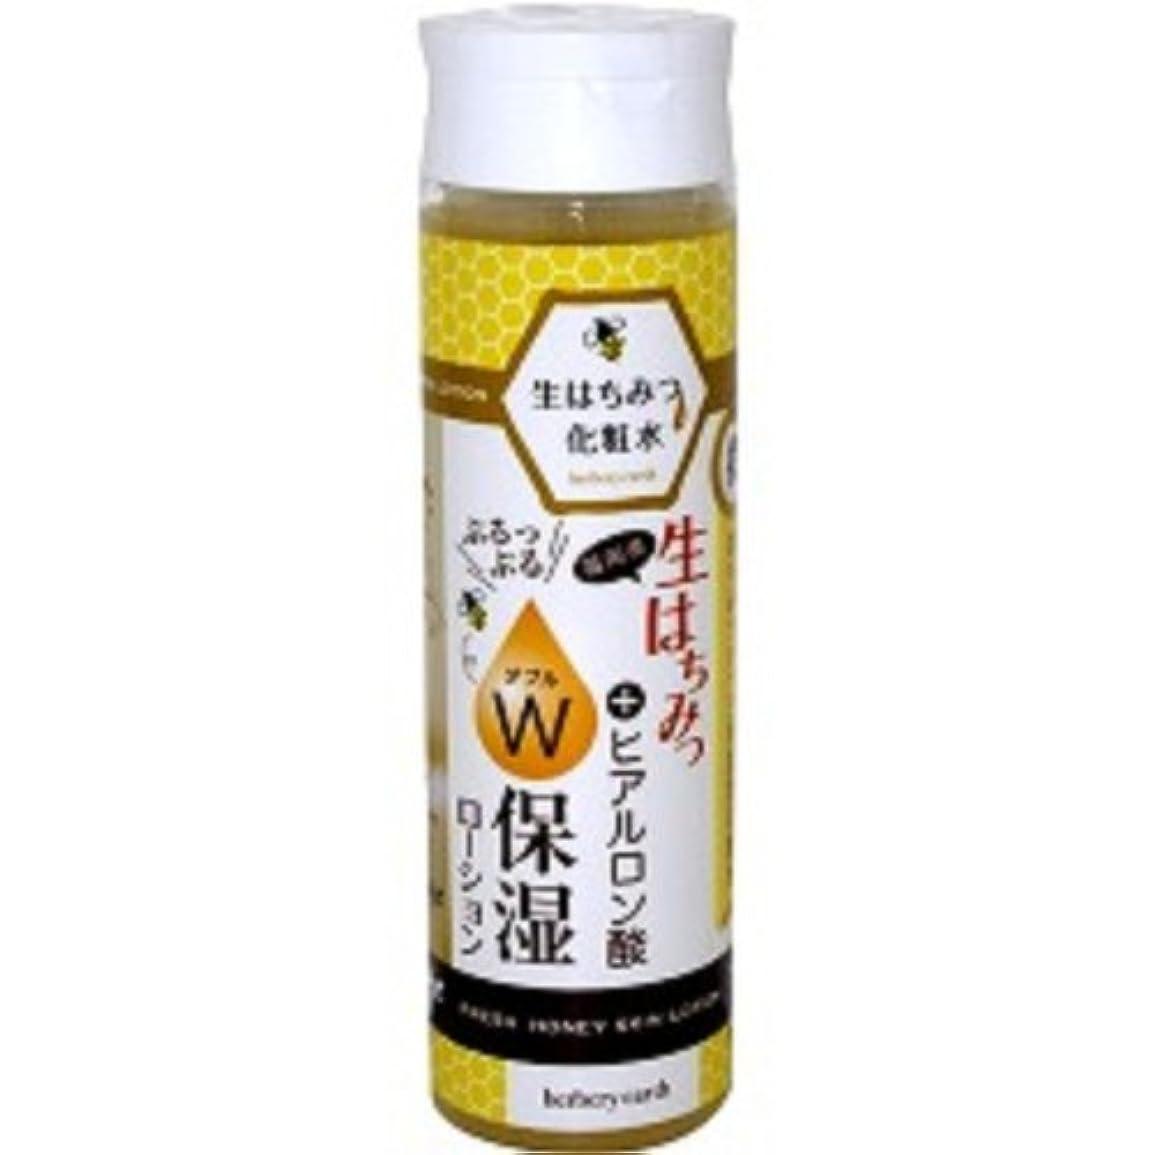 無駄に乳剤調べる生はちみつ化粧水 W保湿スキンローション